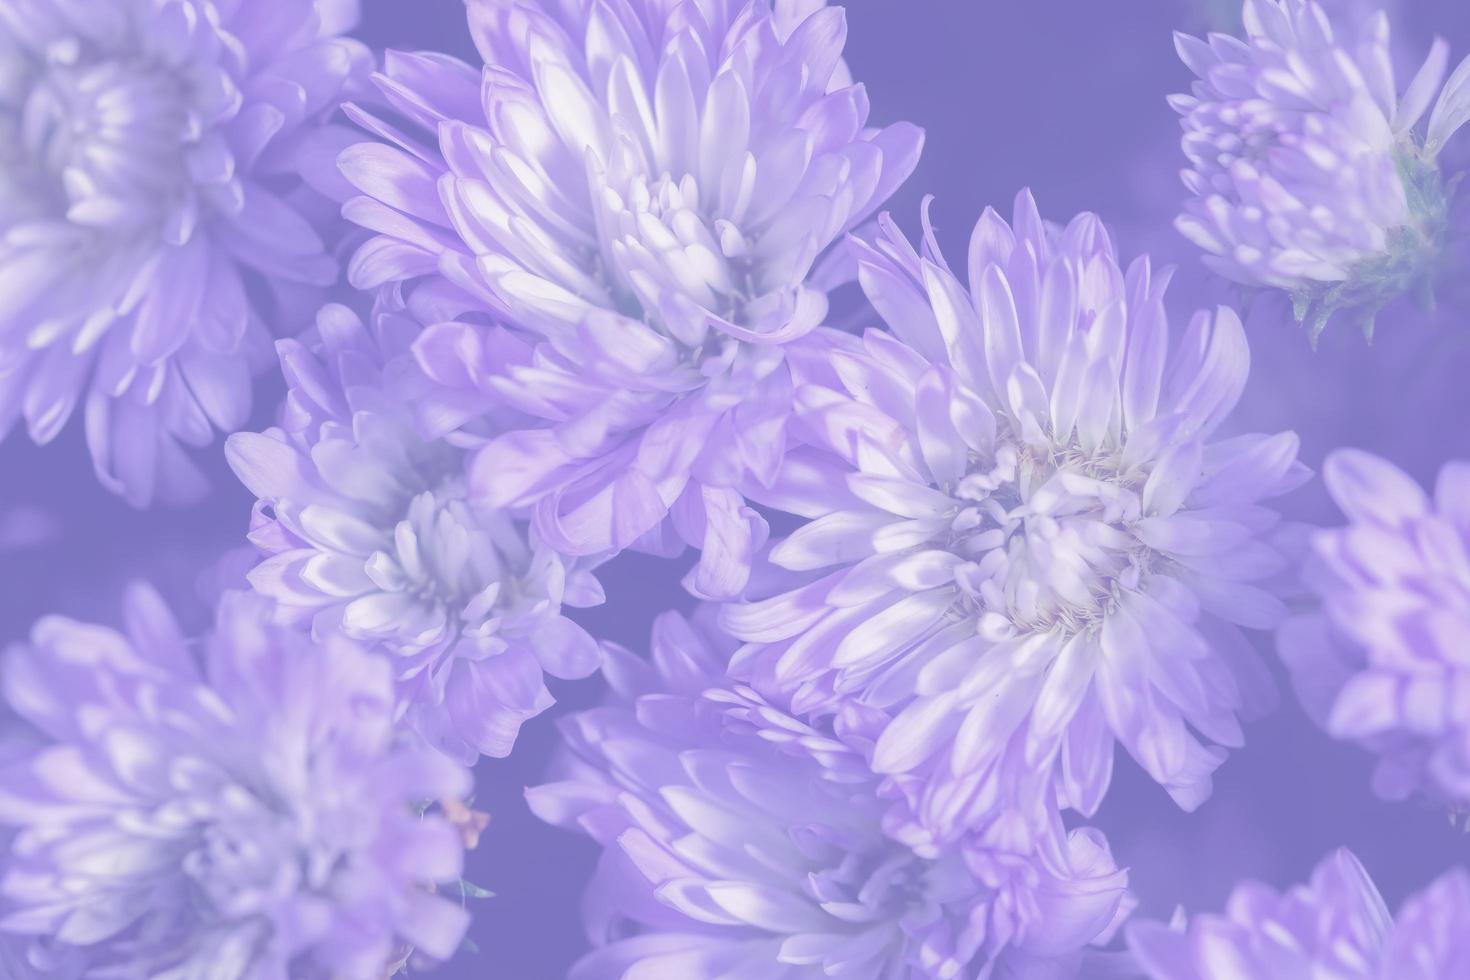 fondo de flor morada foto